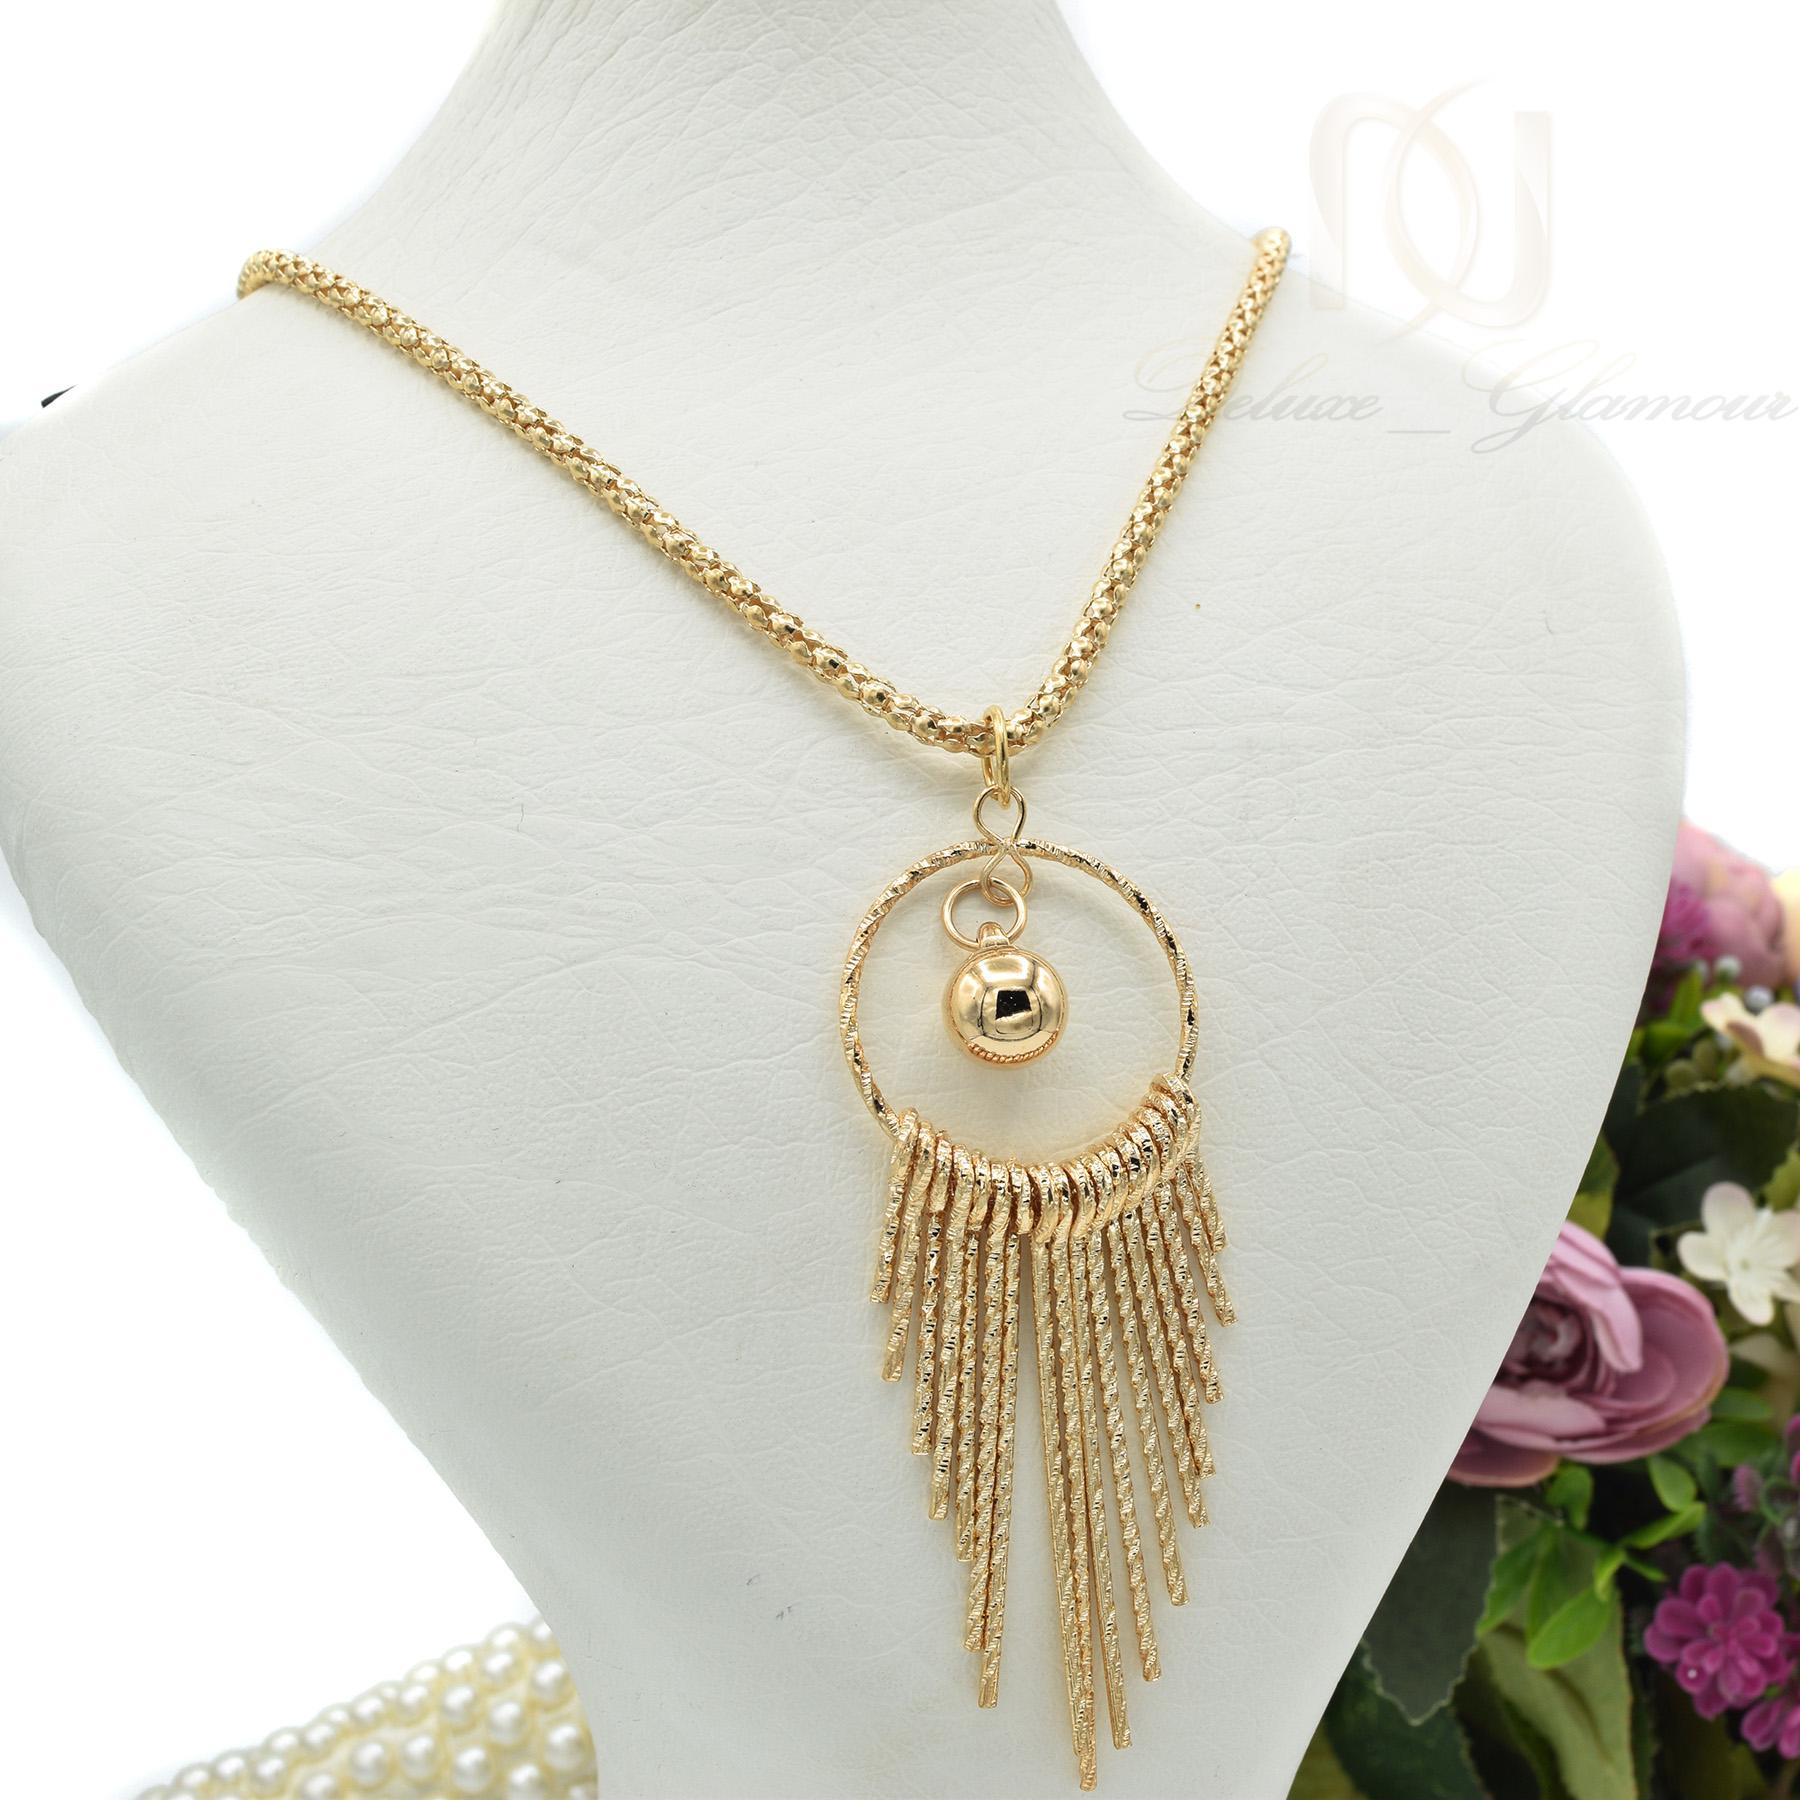 گردنبند رومانتویی بلند طرح طلا nw-n443 از نماي روبرو